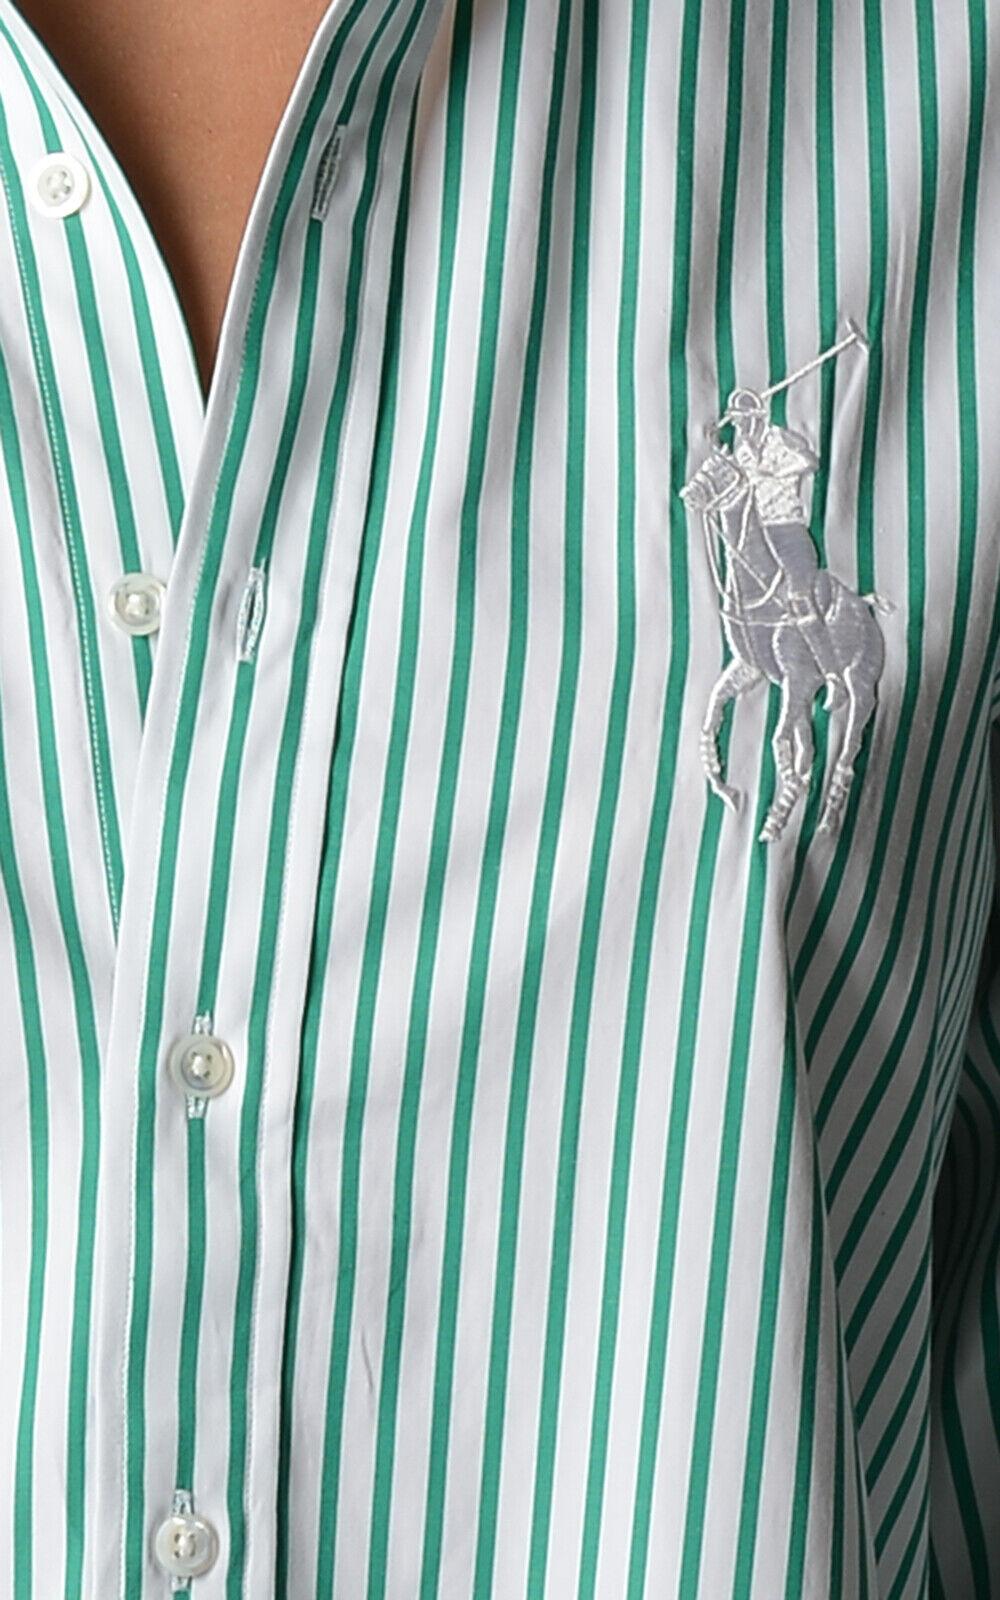 Ralph Lauren Woherren Shirt Größe 6 Big Pony schwarz label Collection Gift For Her